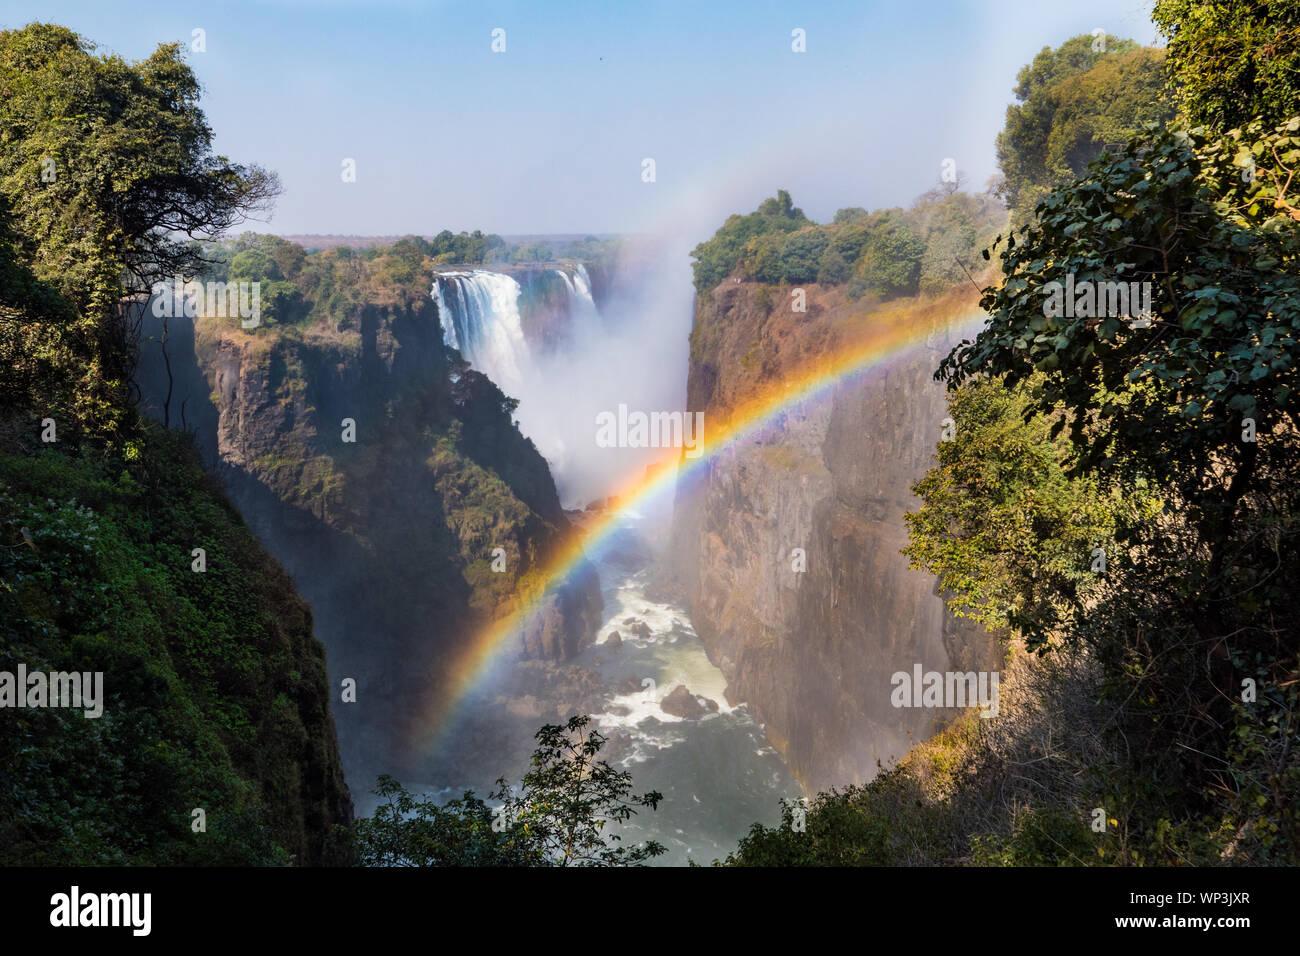 Victoria Falls Gorge et de truites arc-en-ciel, Zambèze, entre le Zimbabwe et la Zambie, l'Afrique Banque D'Images